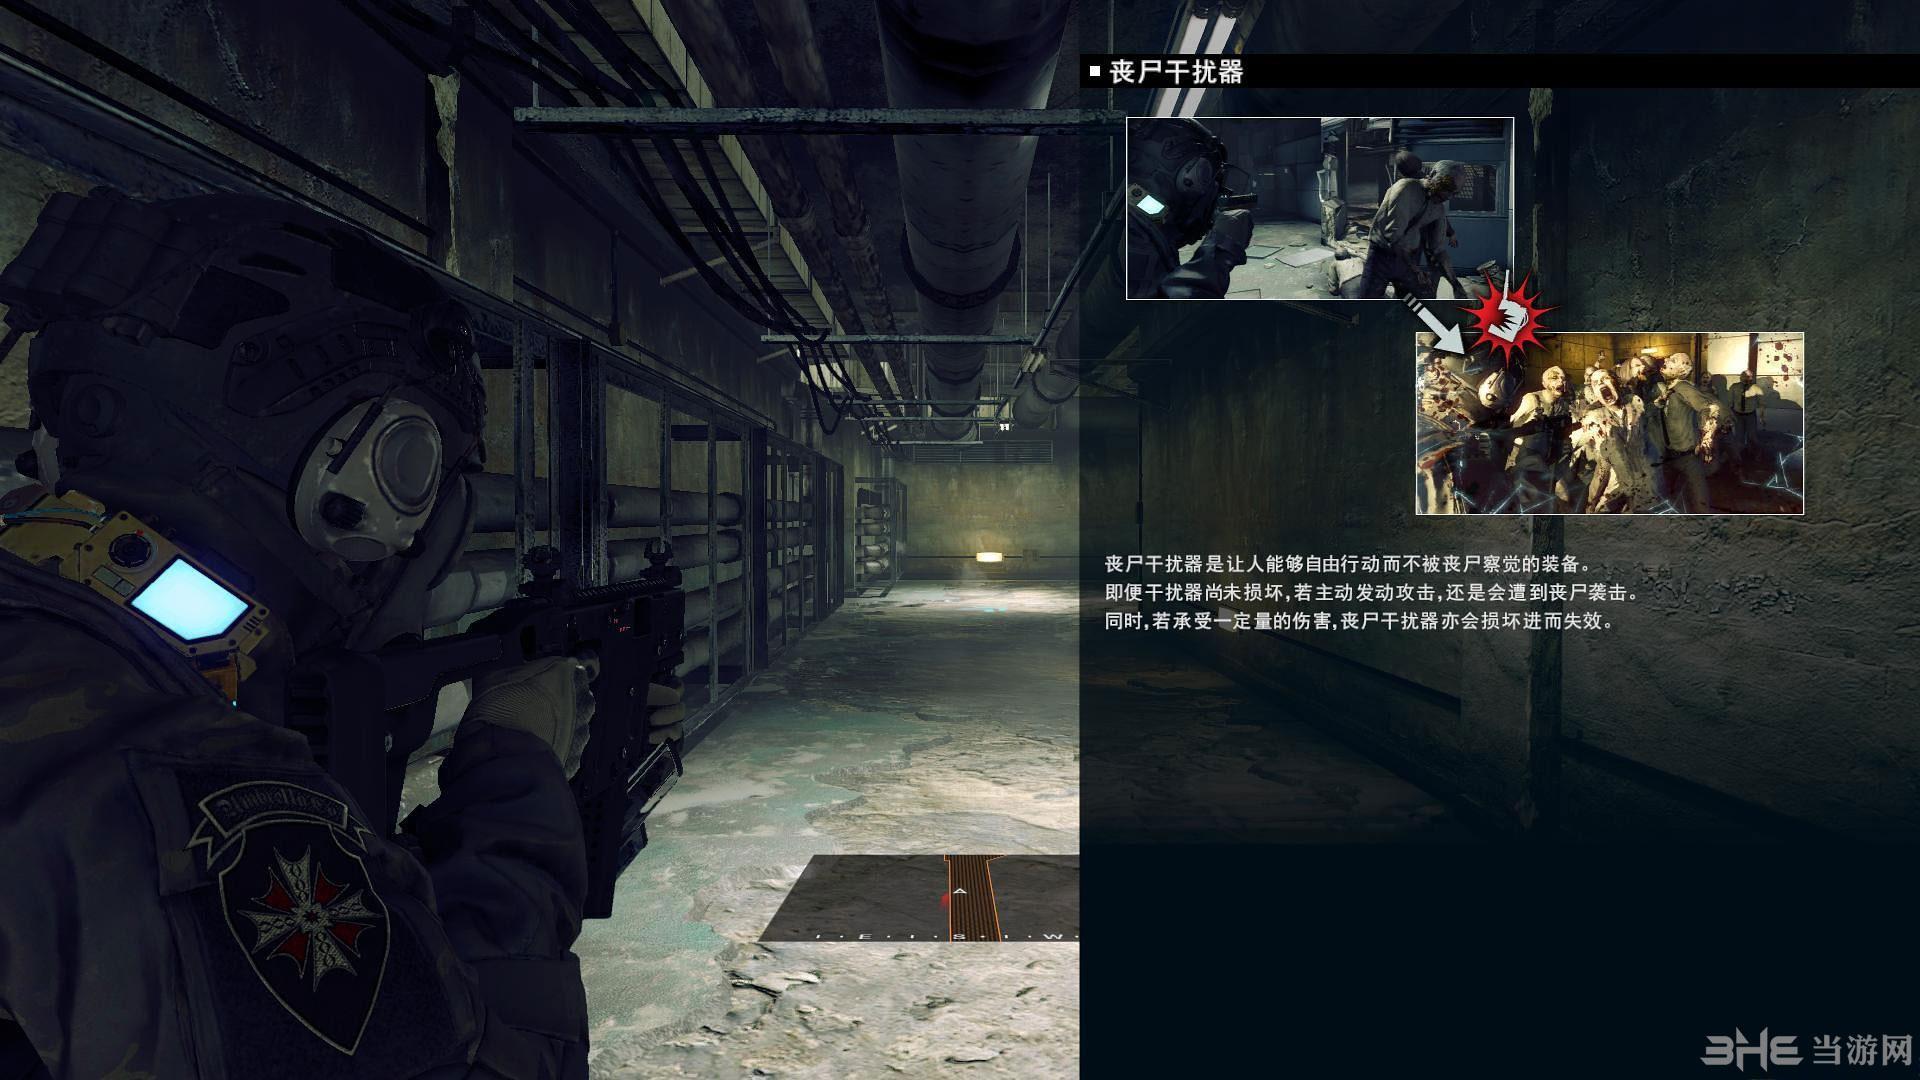 生化危机:保护伞小队轩辕汉化组汉化补丁截图2